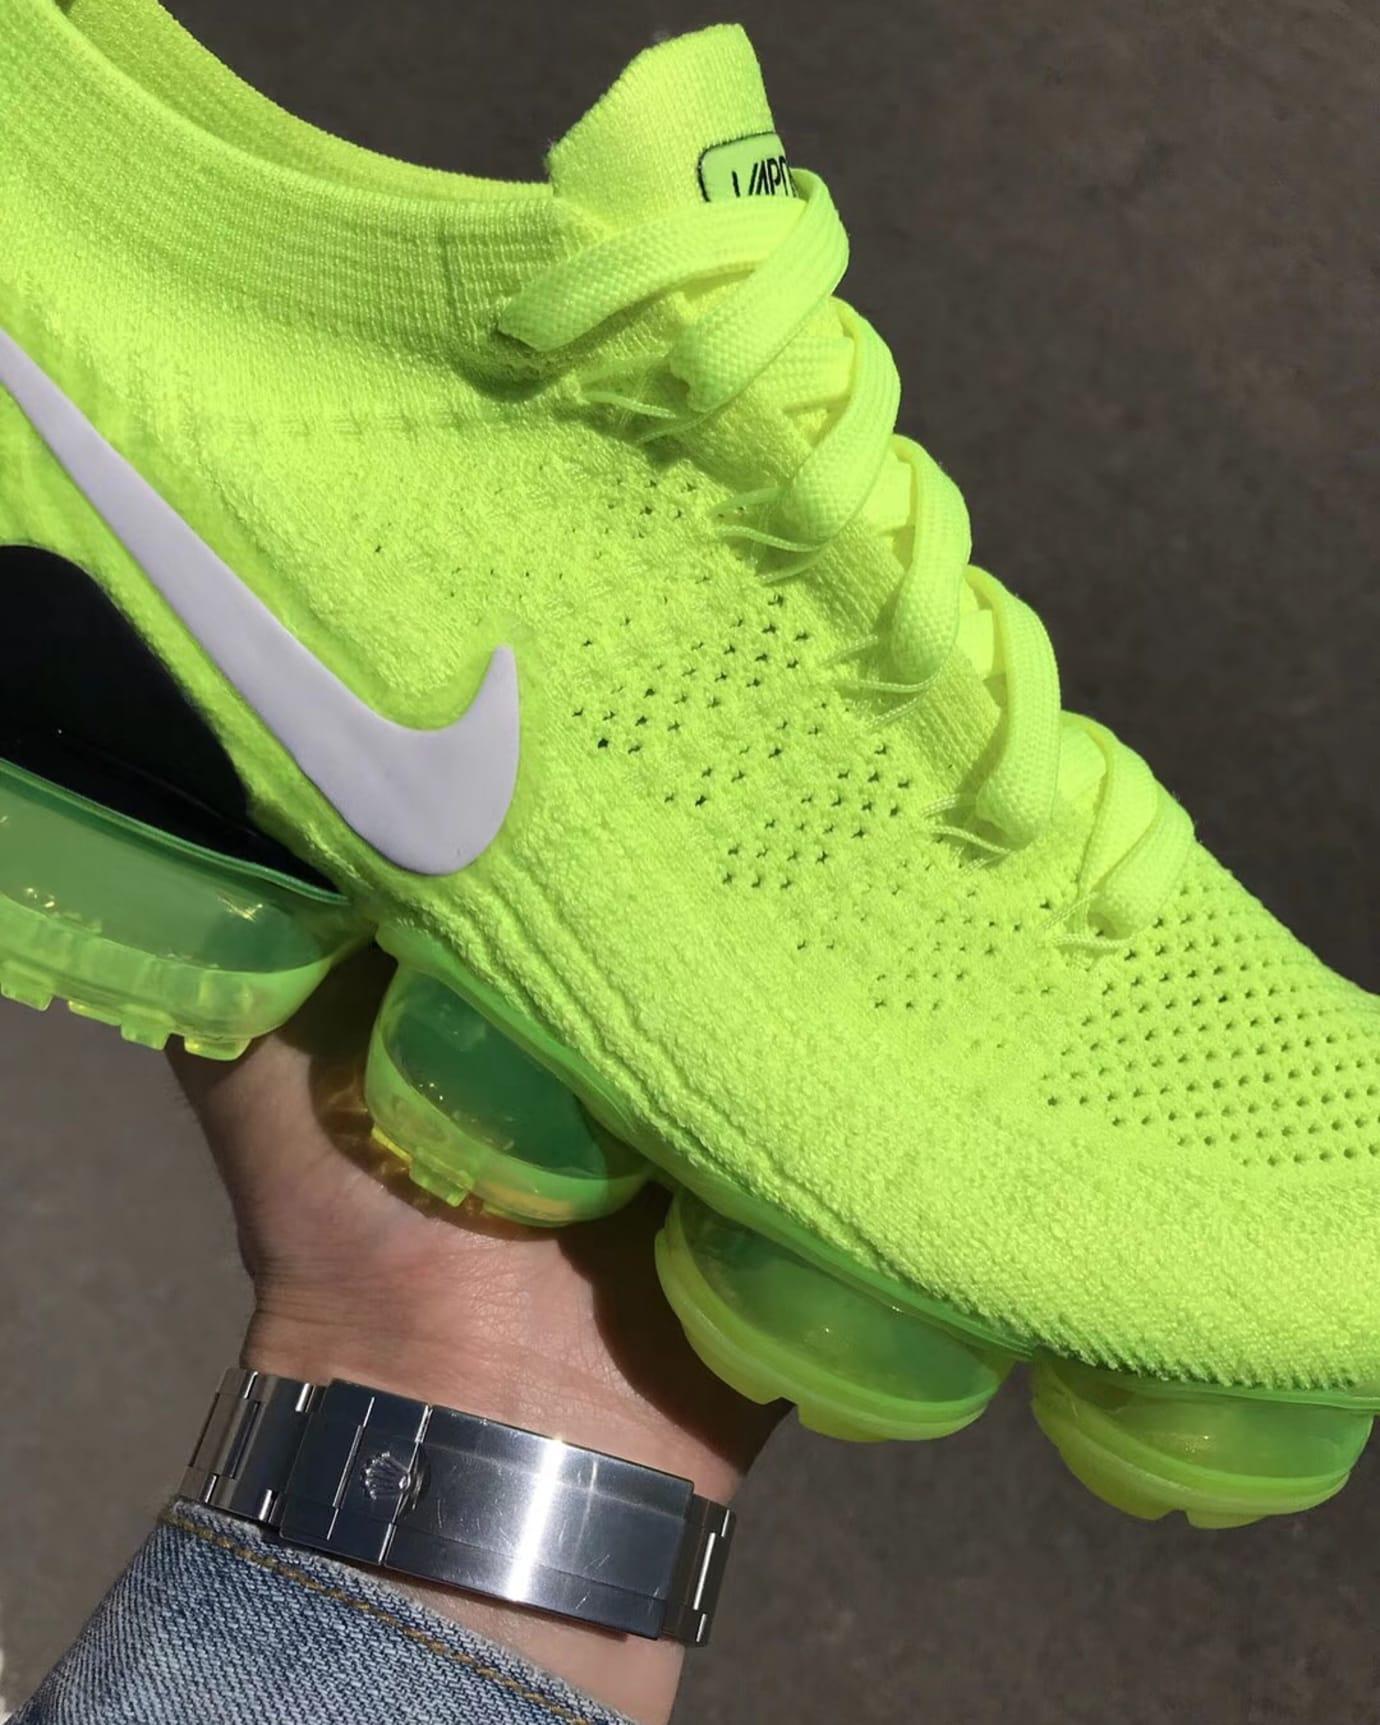 Nike Air VaporMax 2 Flyknit Volt Release Date 942842-700 (7)